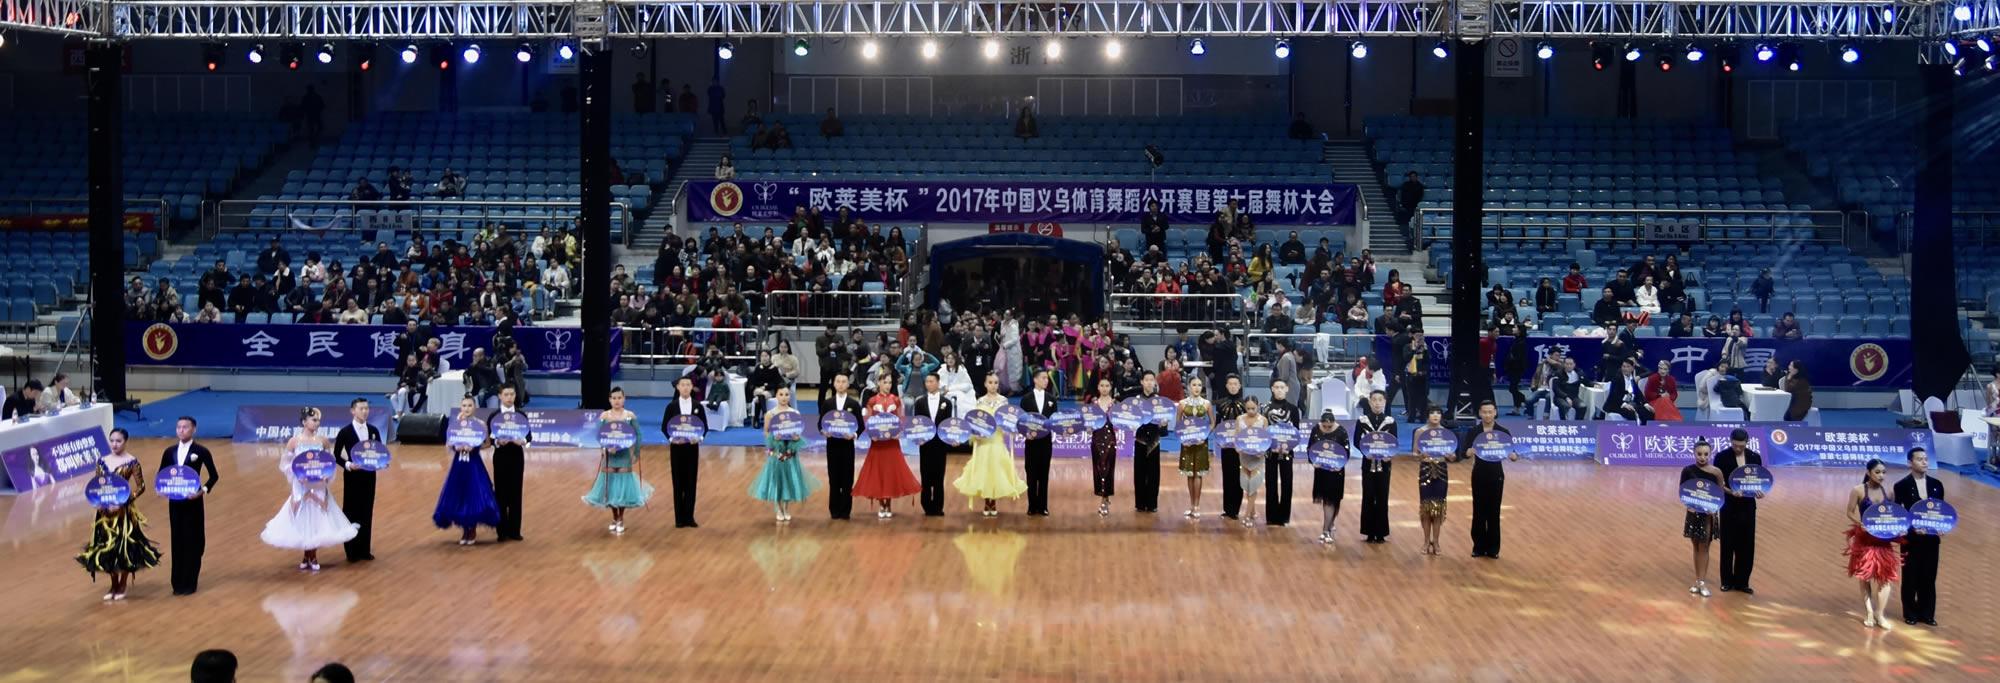 """""""欧莱美""""杯2017年中国义乌体育舞蹈公开赛暨第七届舞林大会"""